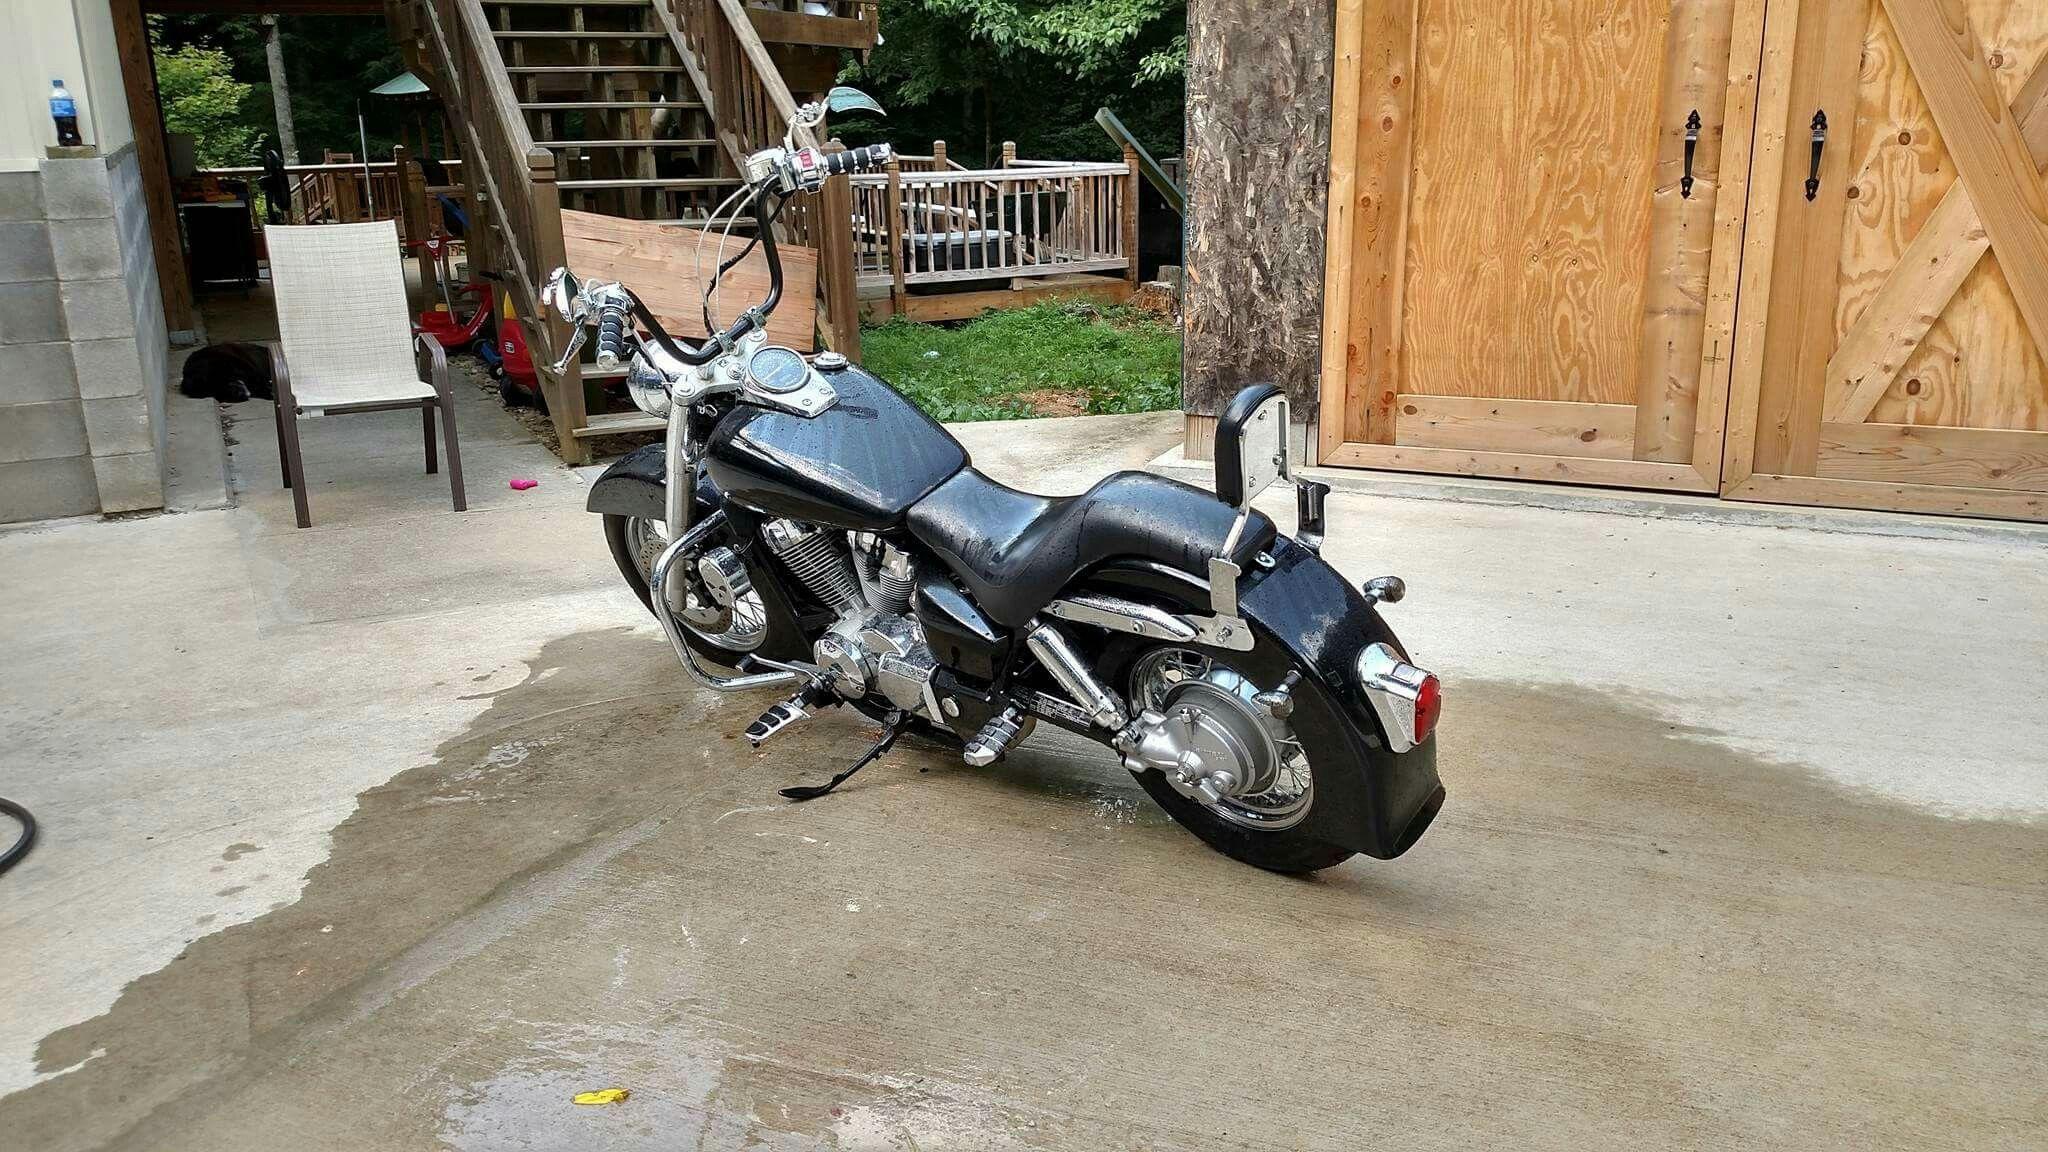 Customized Honda Shadow Aero 750 Customized Honda Motorcycles